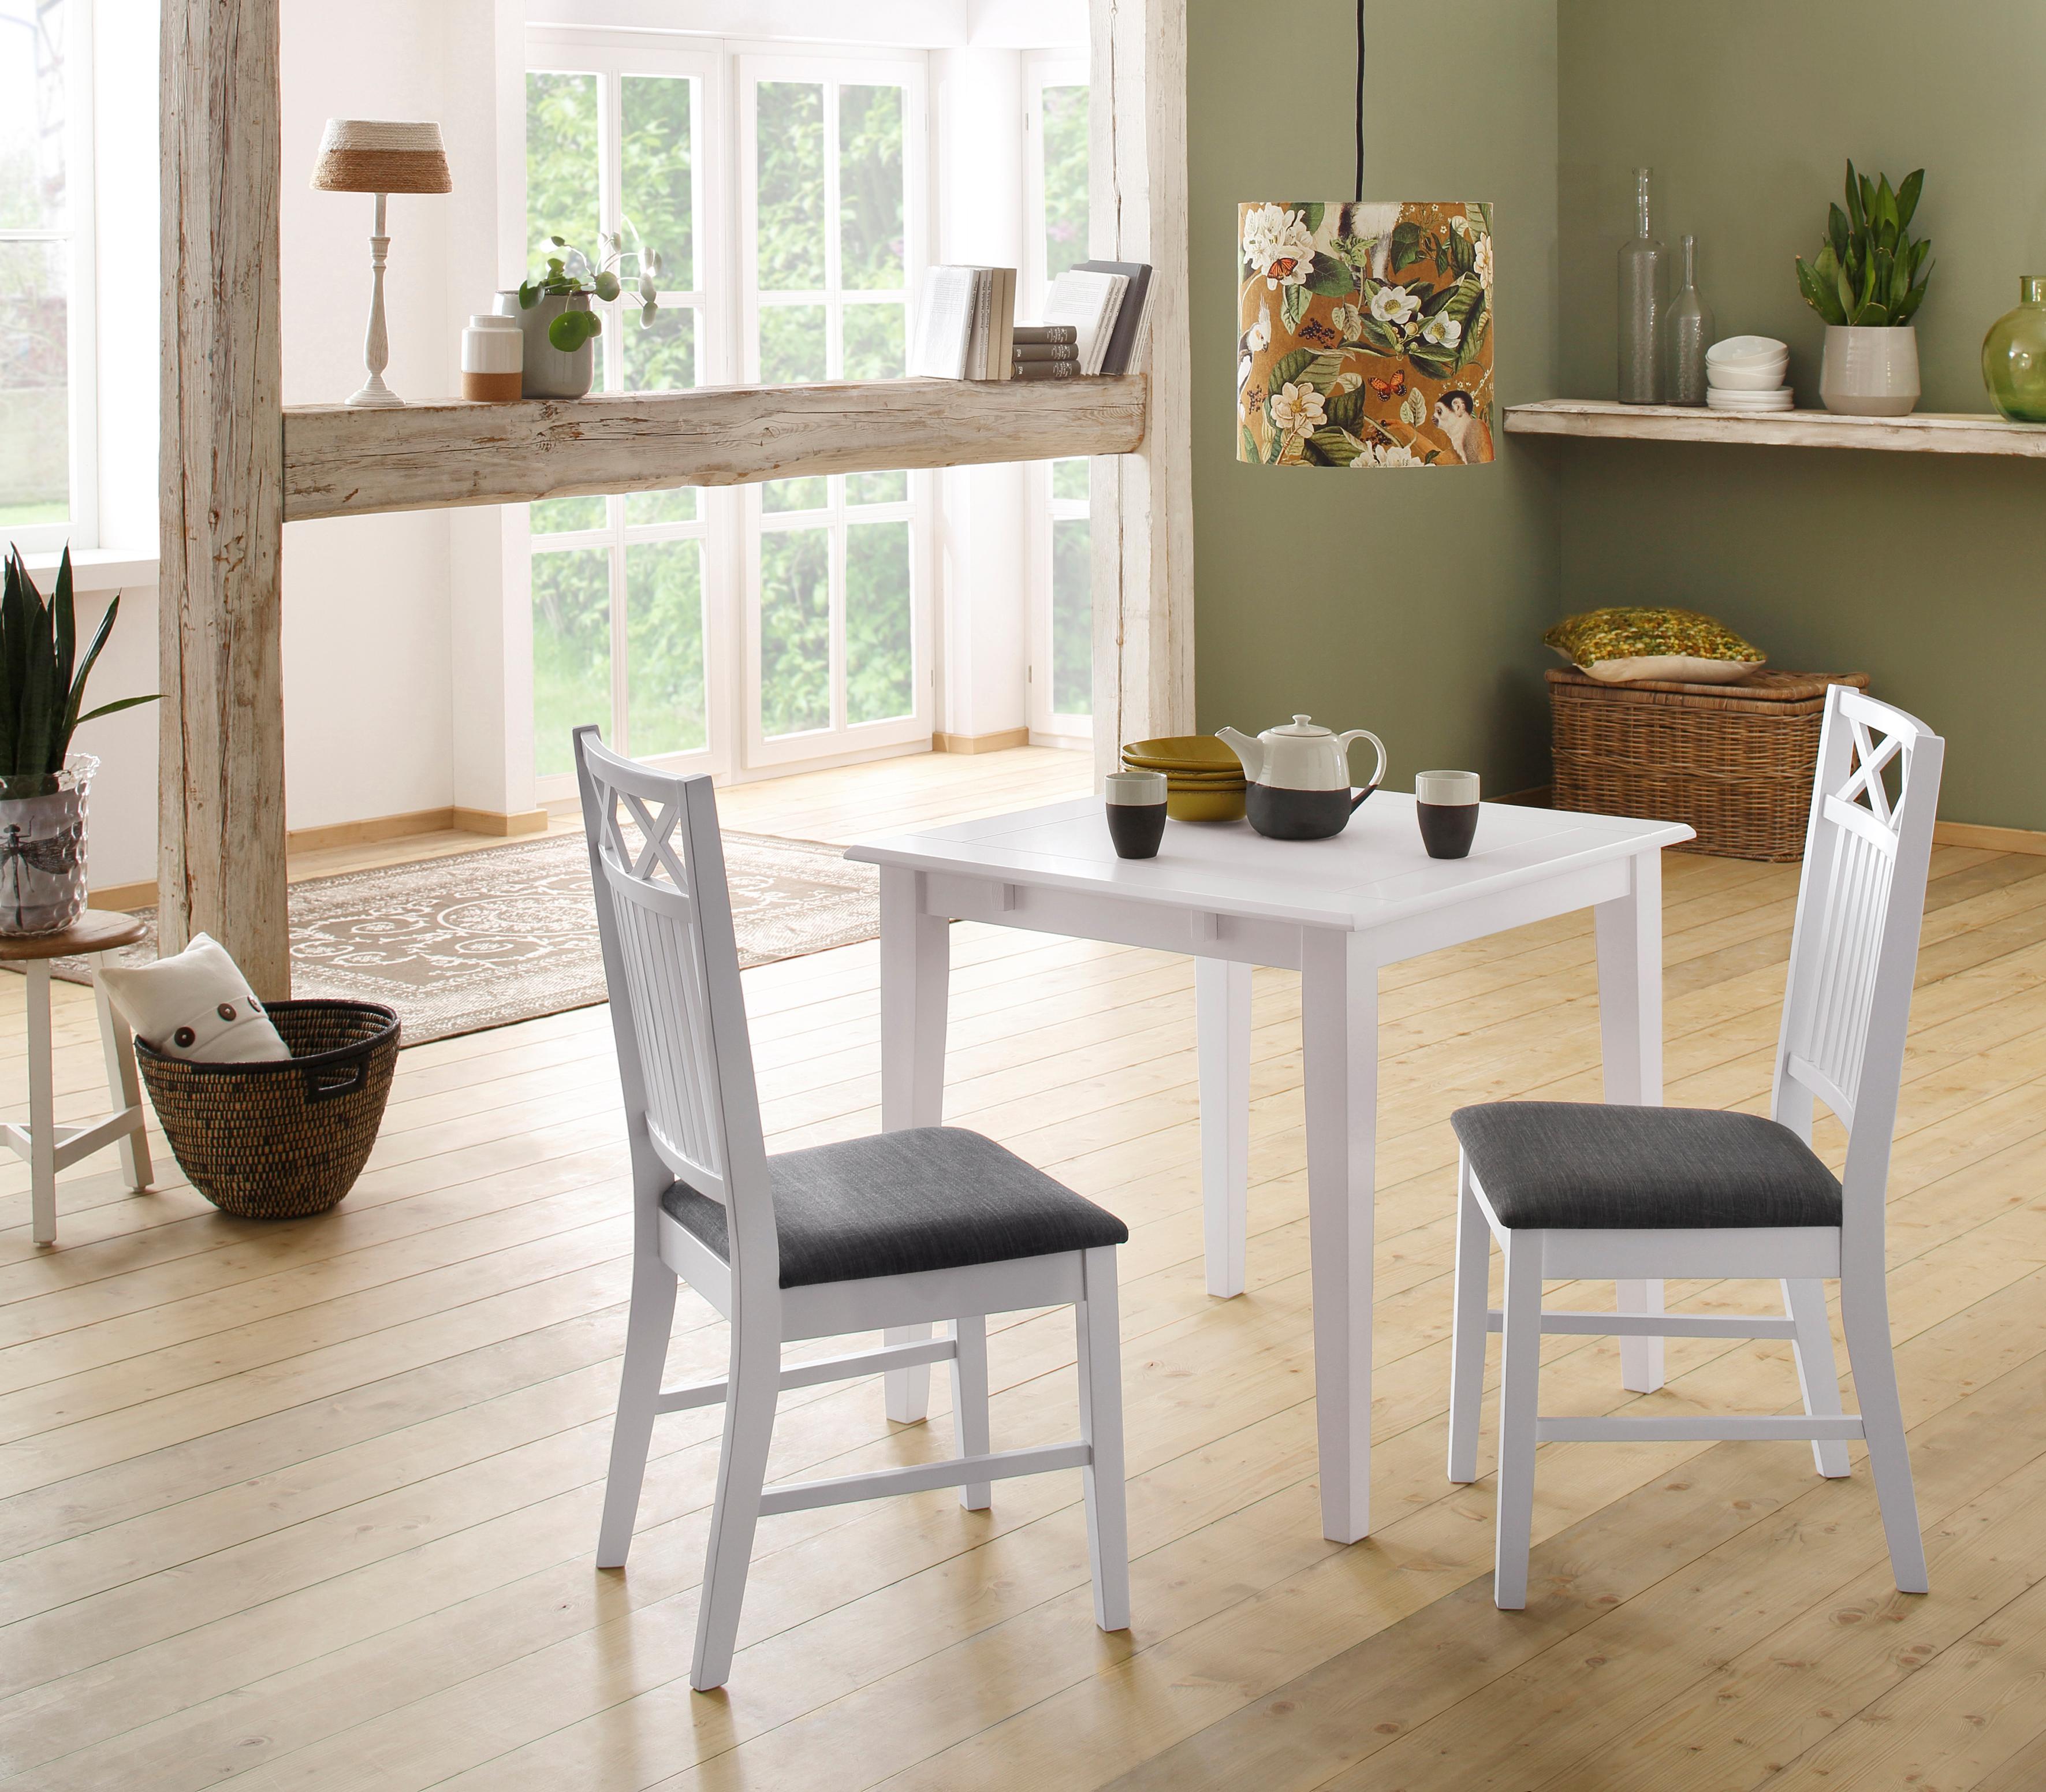 Home affaire Esstisch Fullerton, aus massivem Kiefernholz, in drei verschiedenen Größen weiß Holz-Esstische Holztische Tische